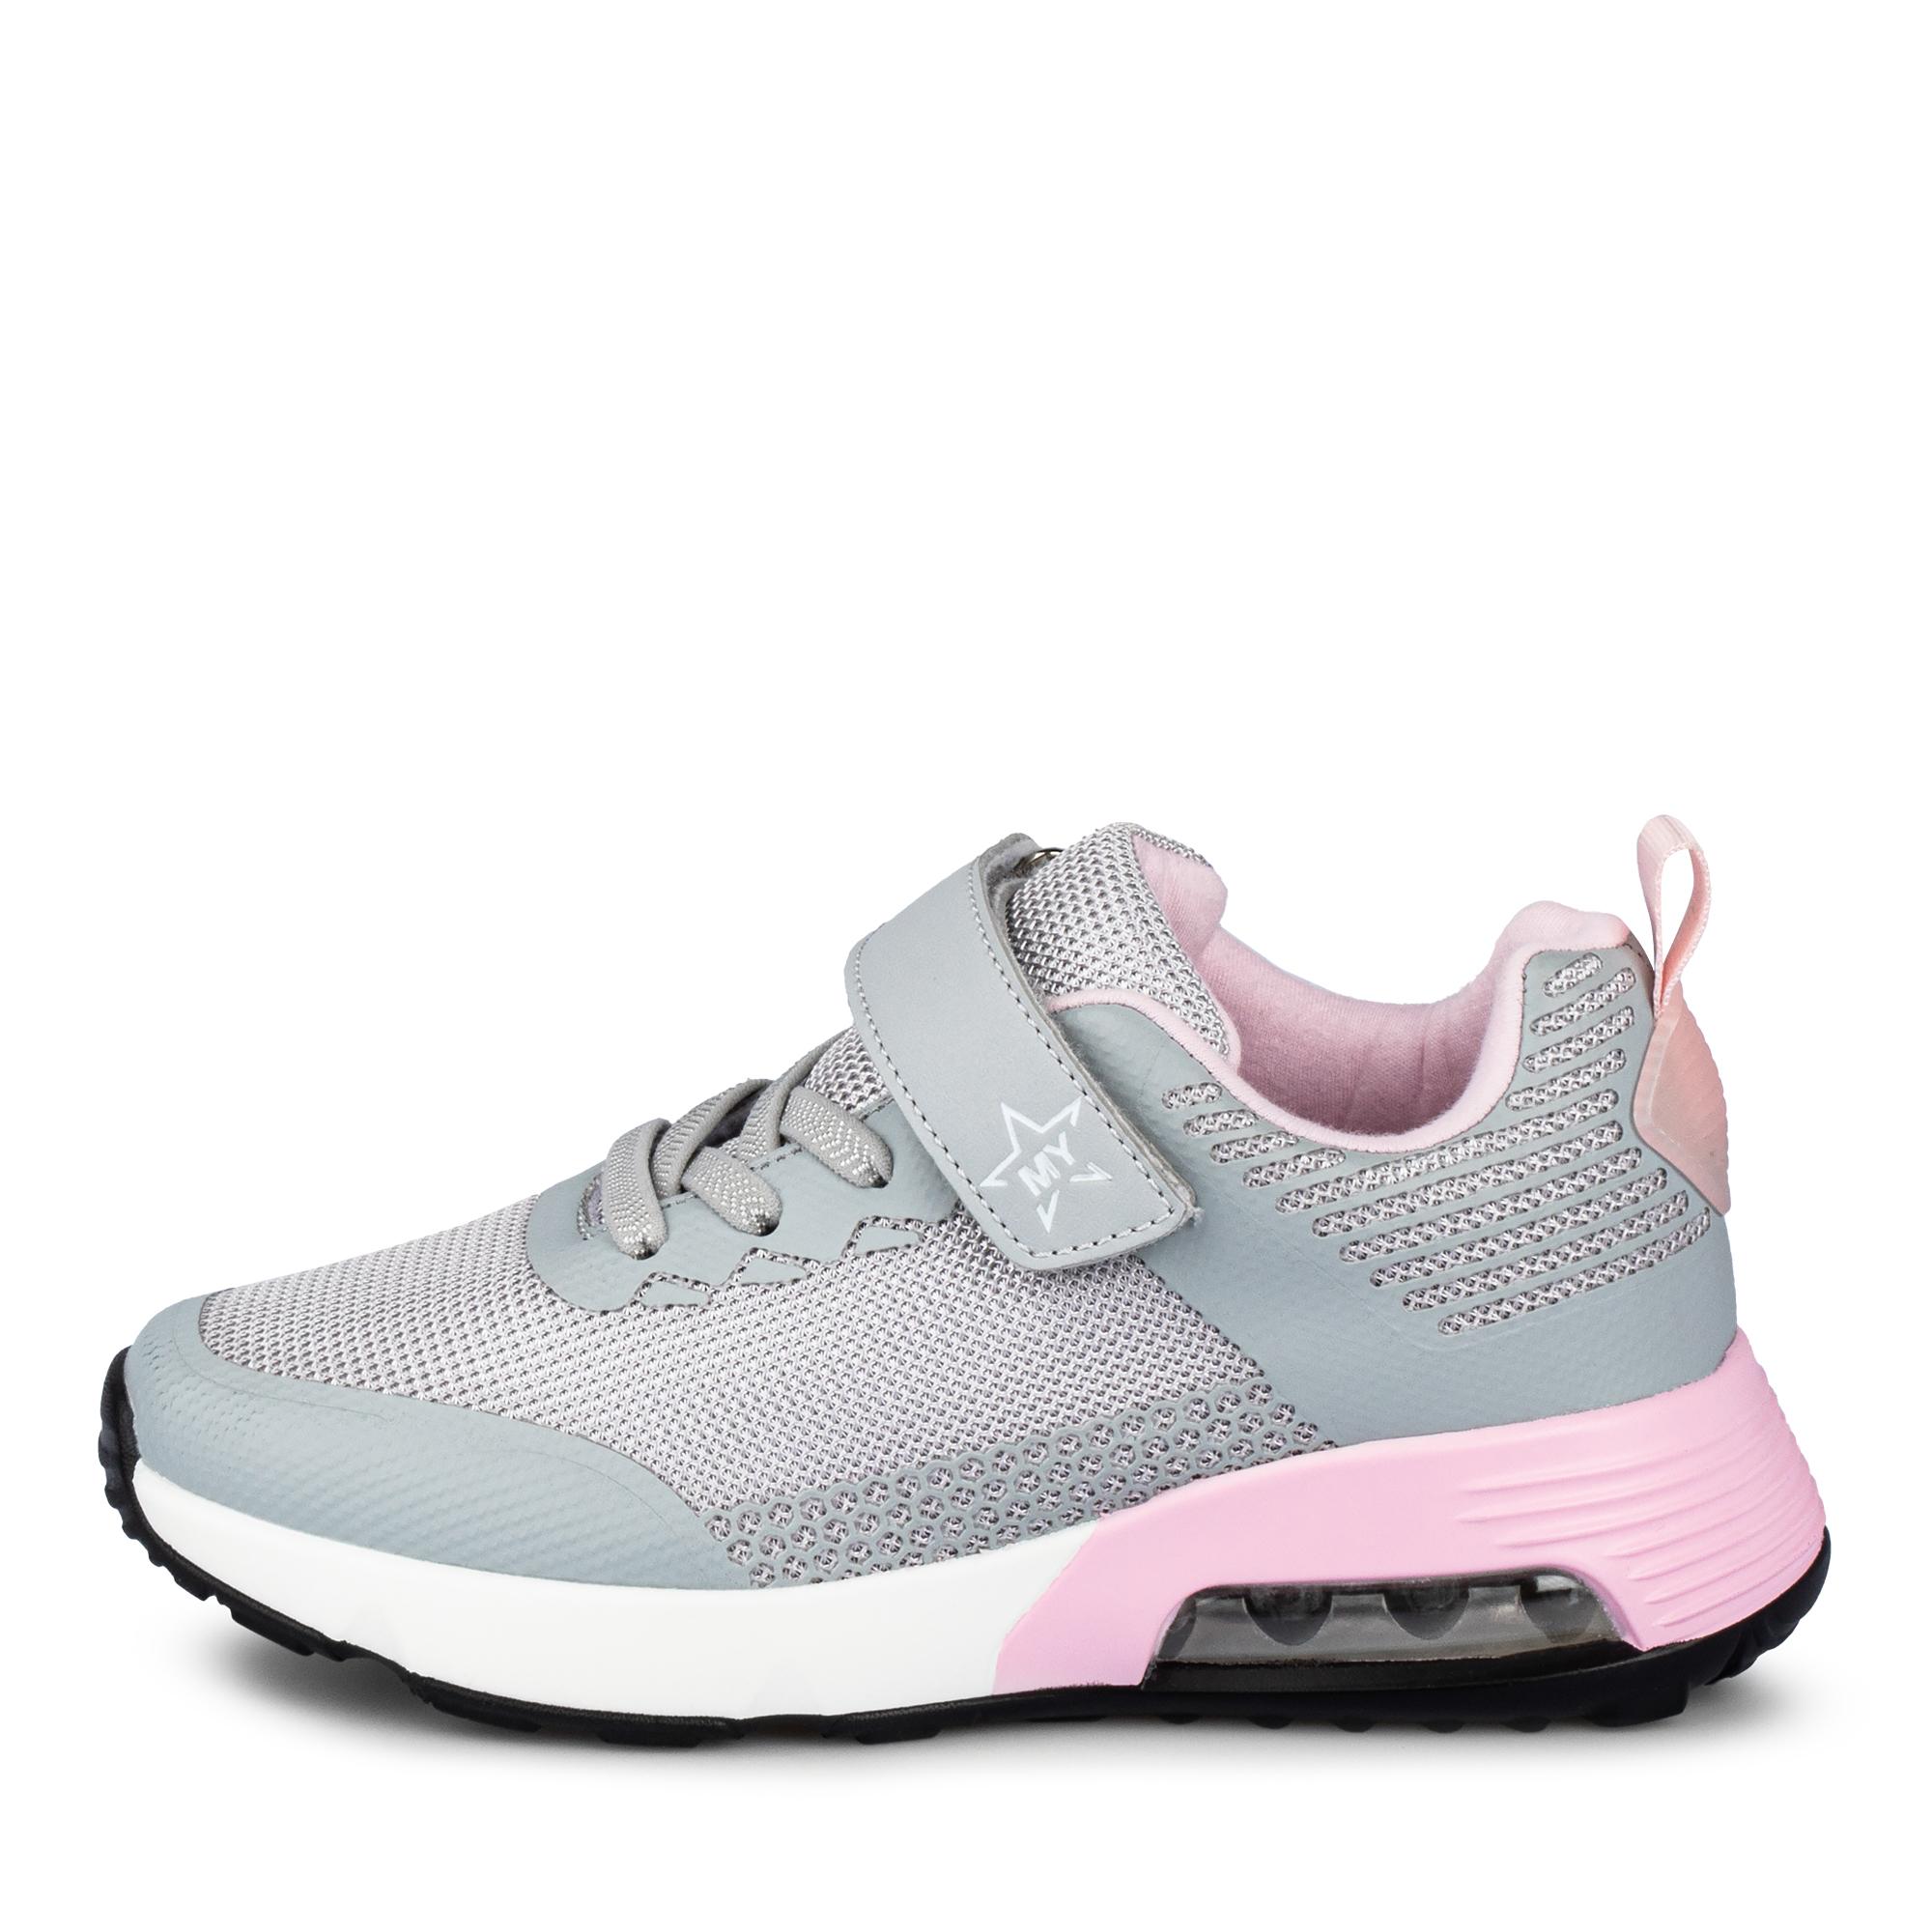 Обувь для девочек MUNZ YOUNG 189-285B-2210